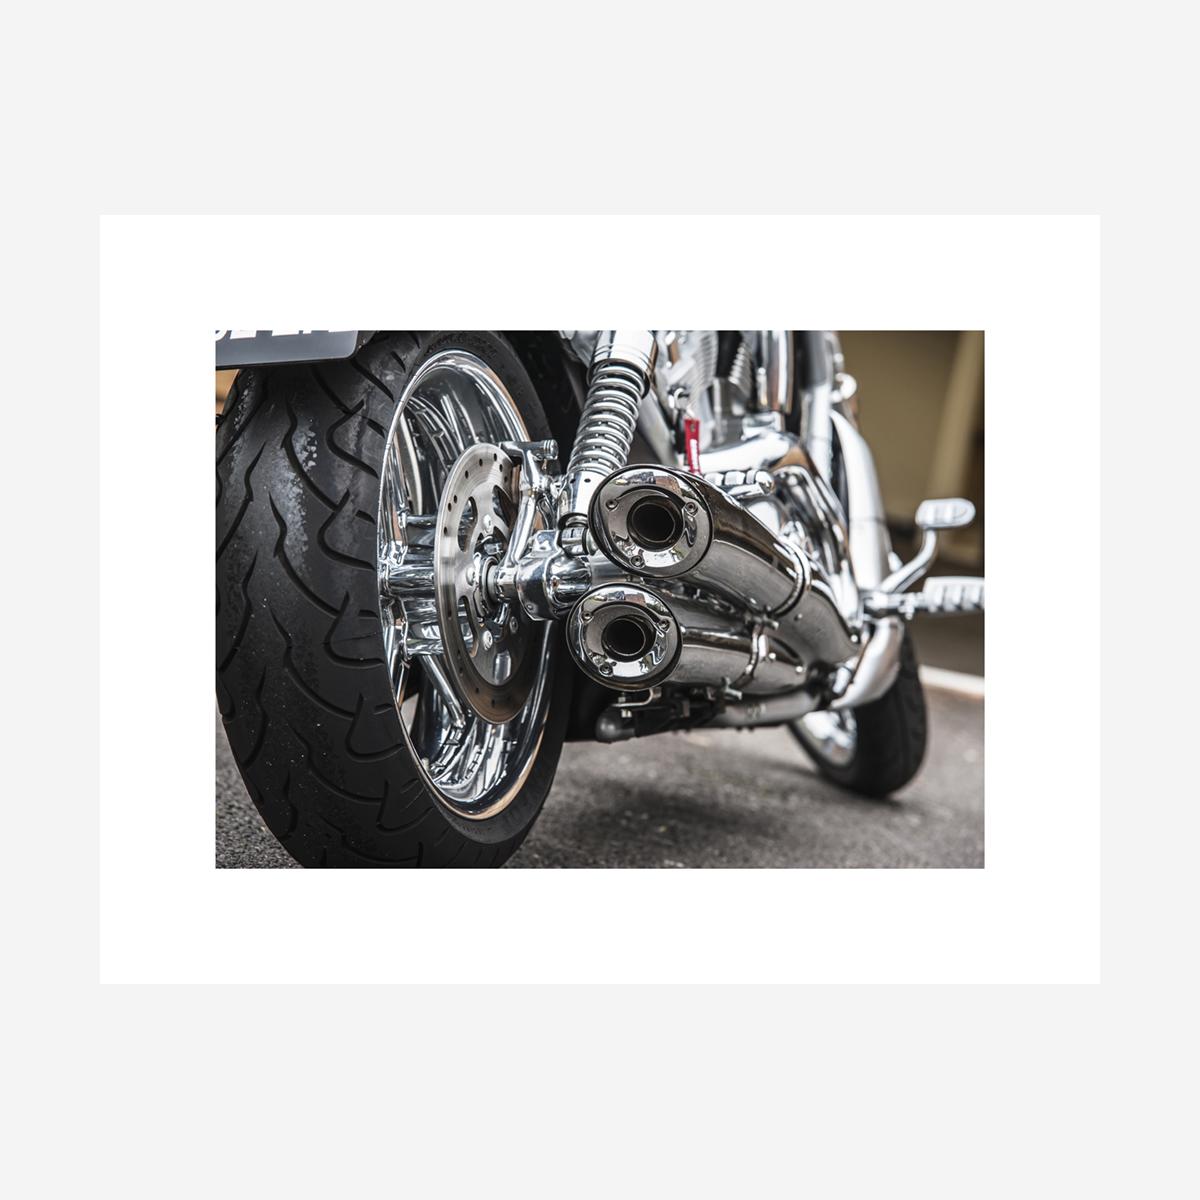 """Harley Davidson V-Rod Exhaust 26"""" x 20"""""""